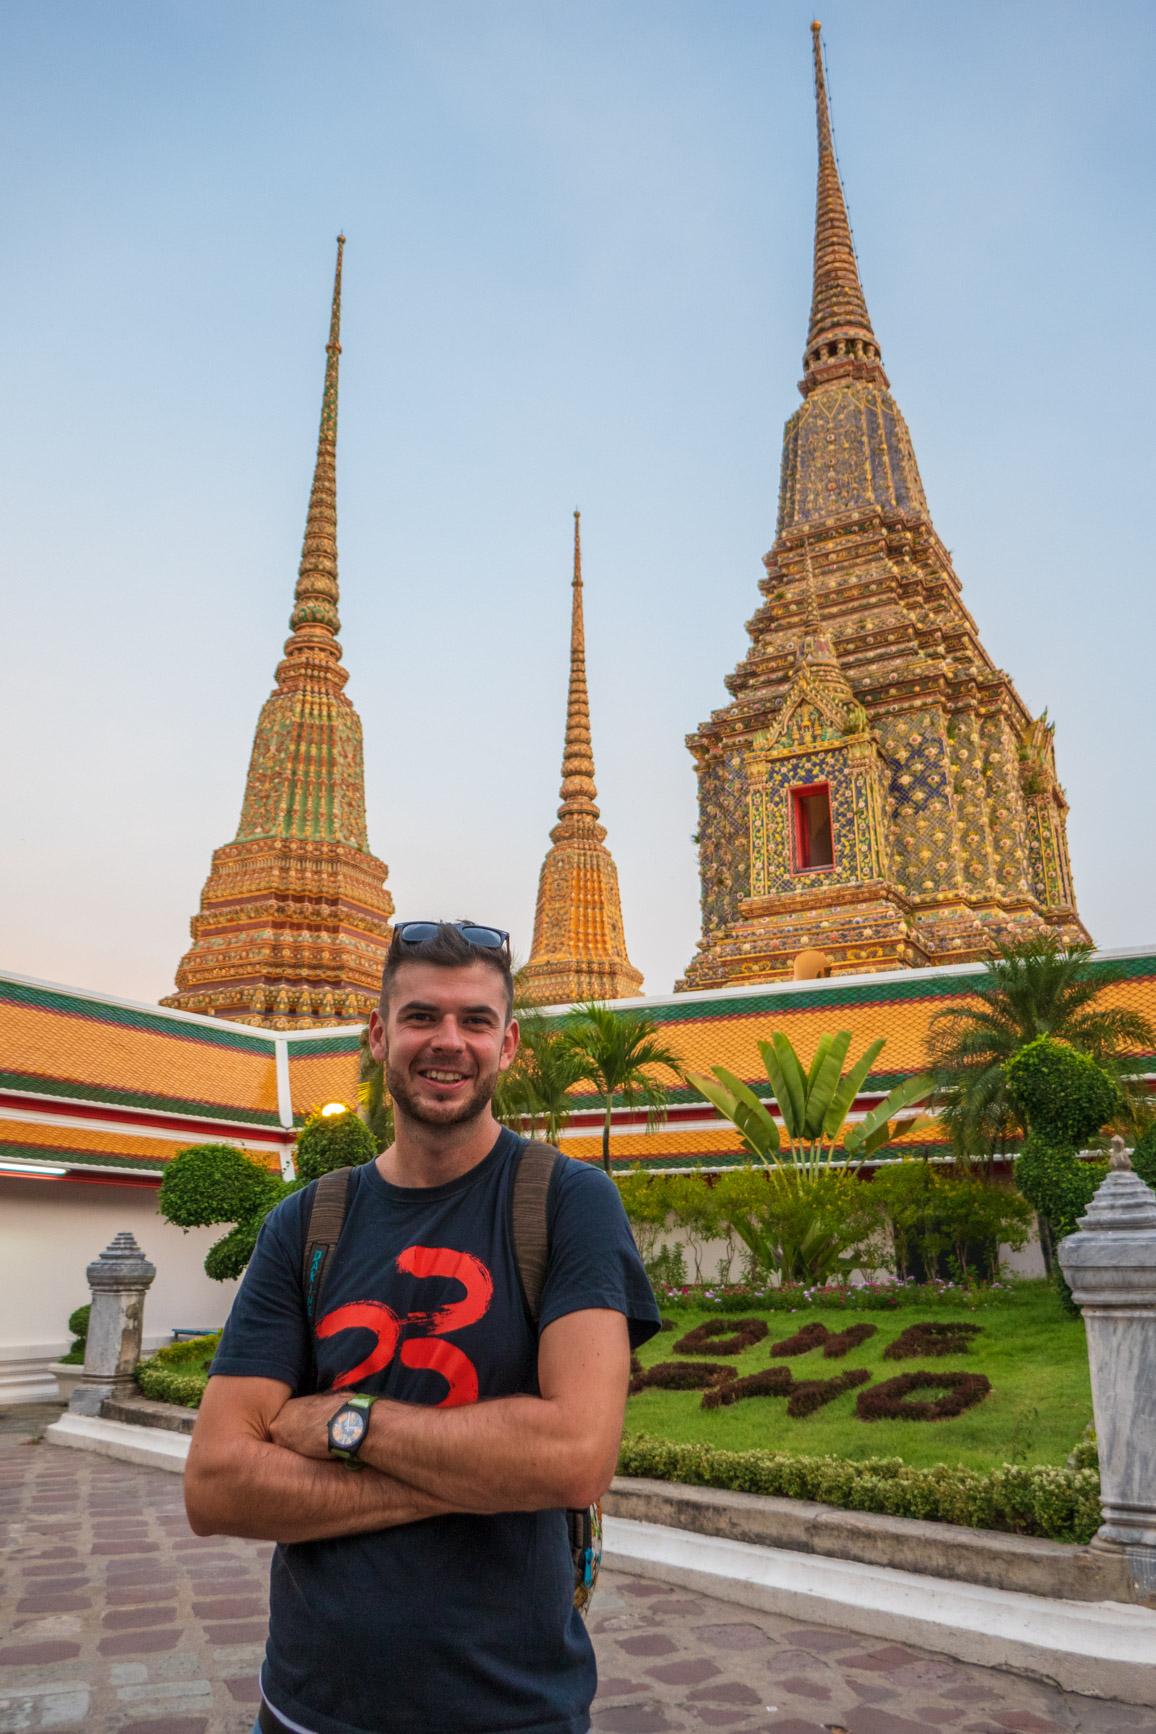 https://bubo.sk/uploads/galleries/7404/martinsimko_thajsko_bangkok_p1010686.jpg